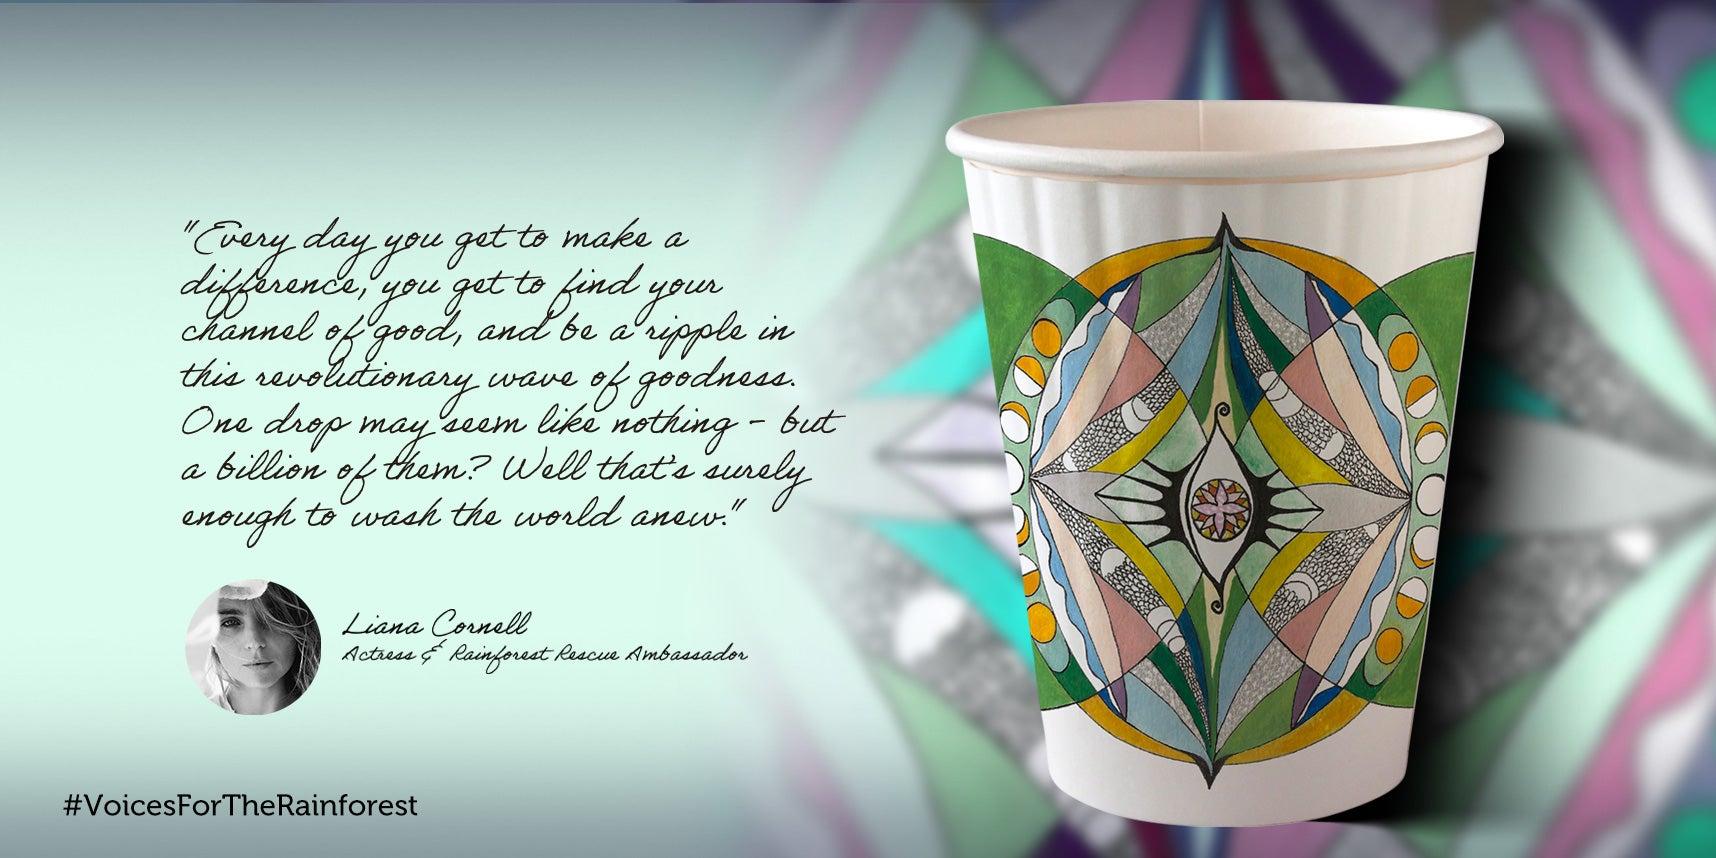 Lianna Cornell paper cup design